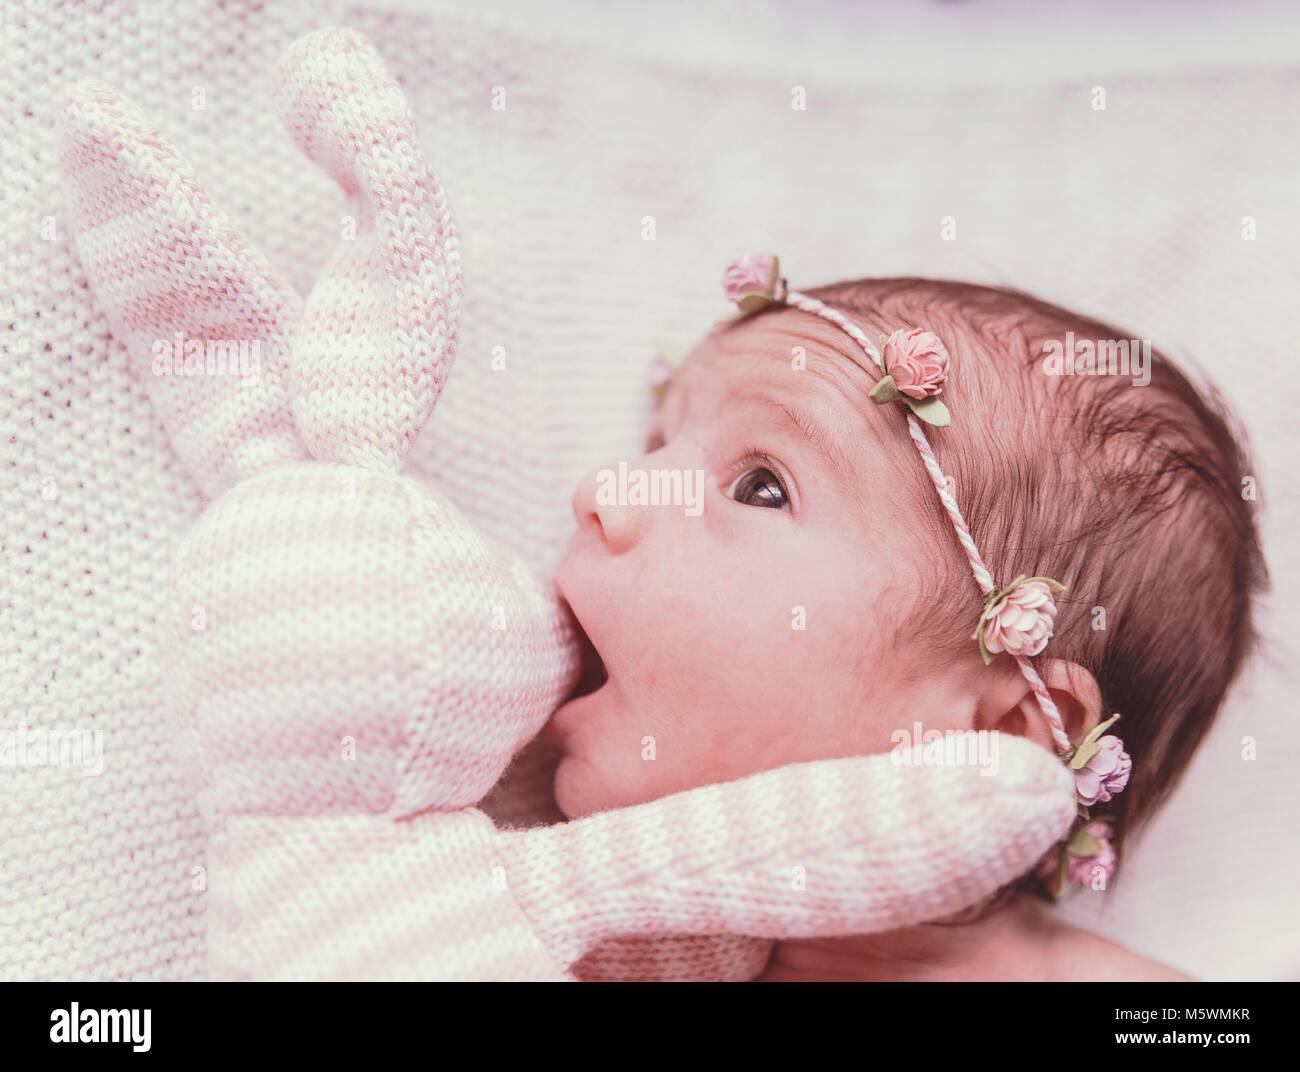 Eva Ozkoidi_bunny and girl II - Stock Image